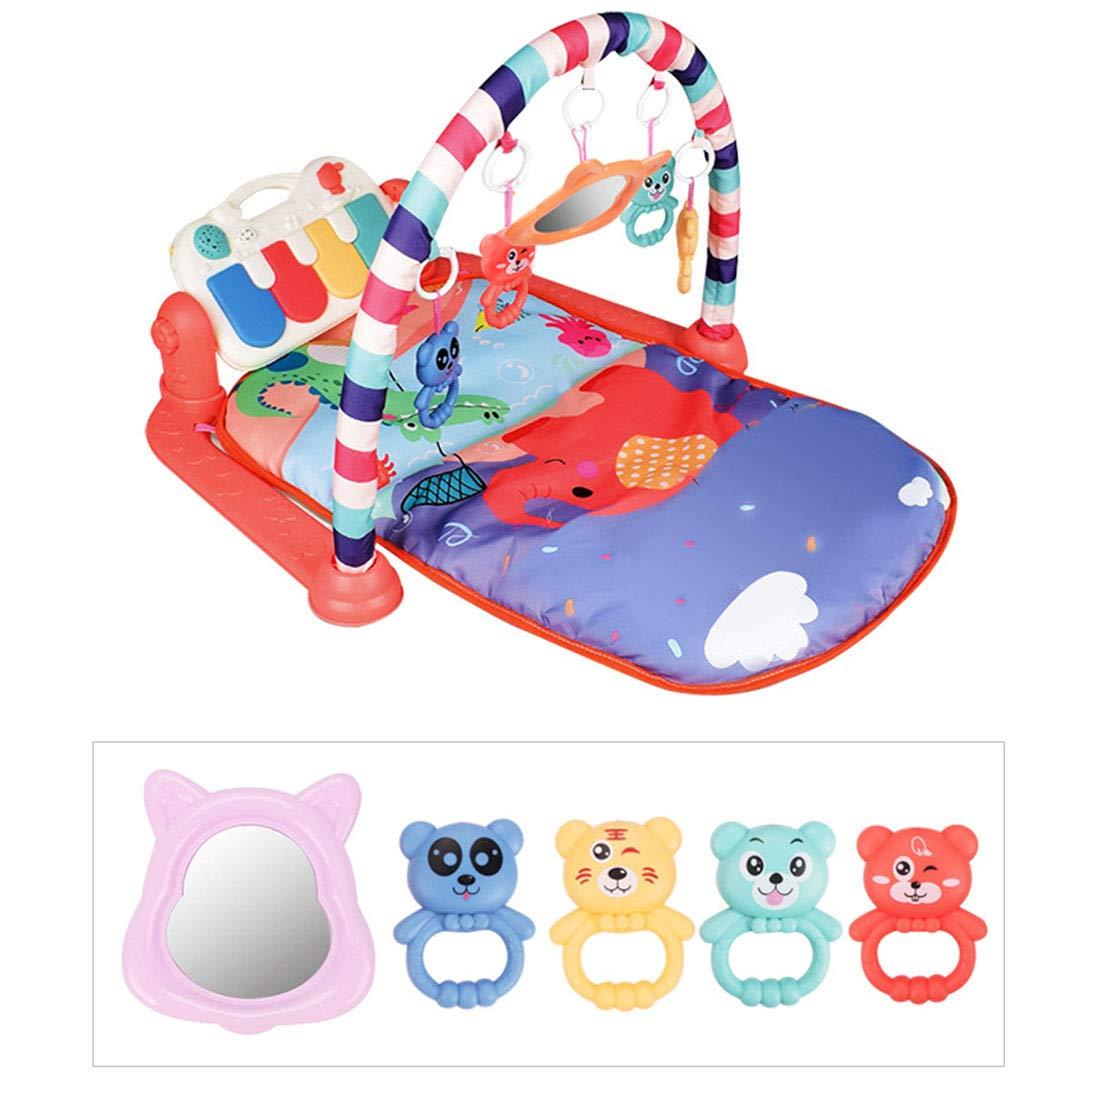 3 en 1 Gimnasio Infantil Bebe con M/úsica y Luces Manta de Juego para Beb/é 76 x 60 x 45cm Yavso Gimnasio Piano Pataditas